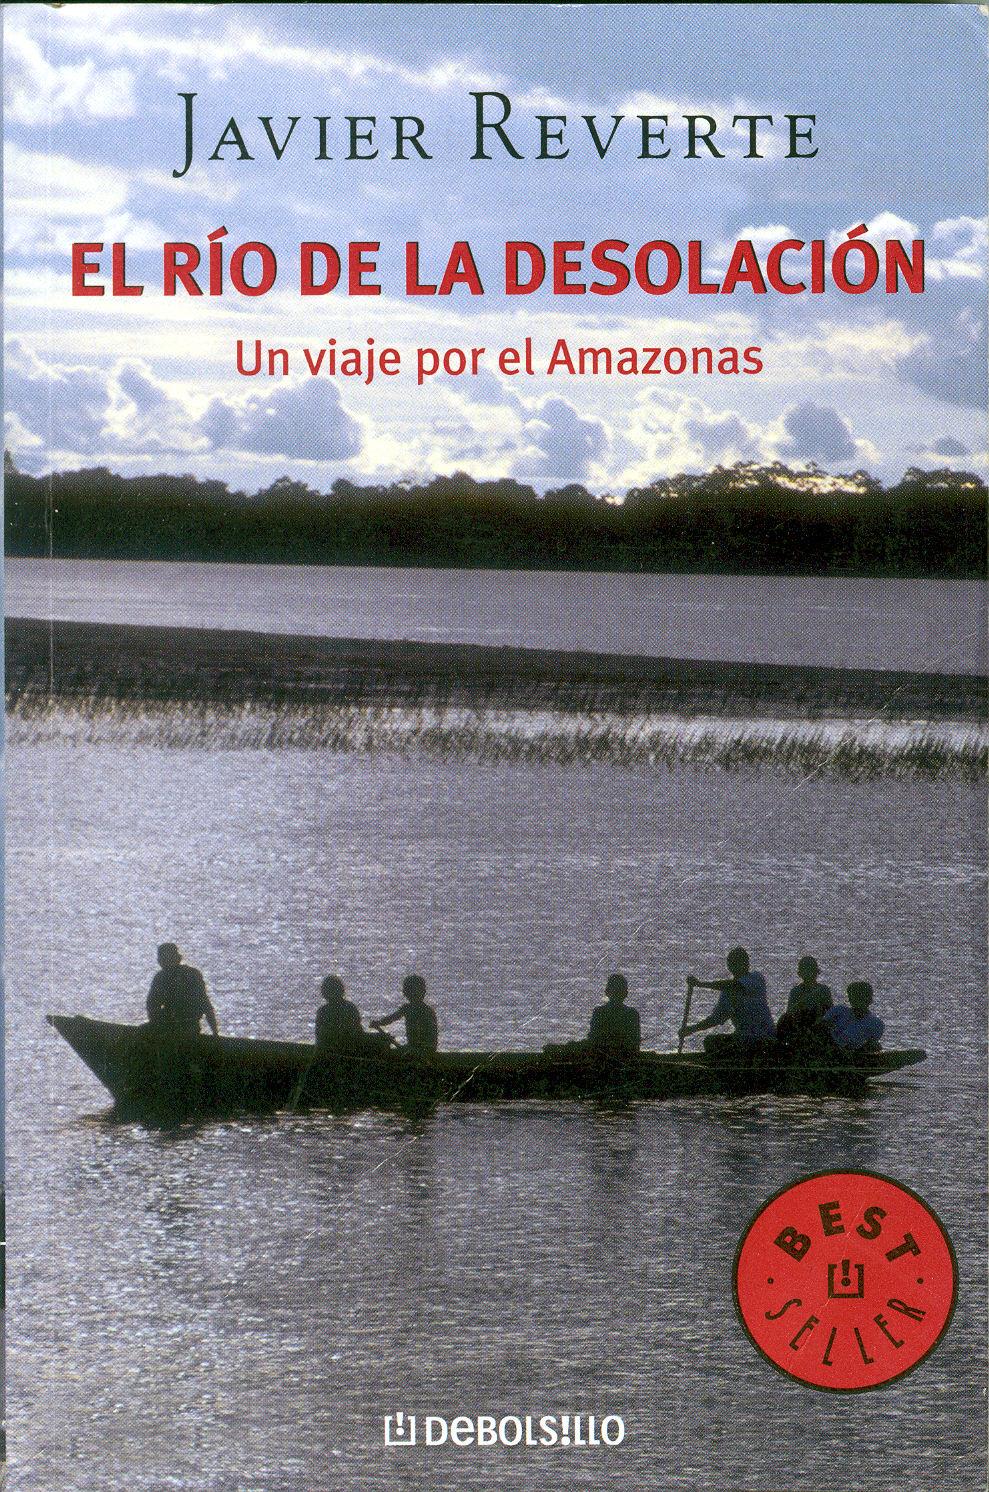 Libros clásicos de geografía y viajes (índice en el primer post) Reverte-rio-desolacion